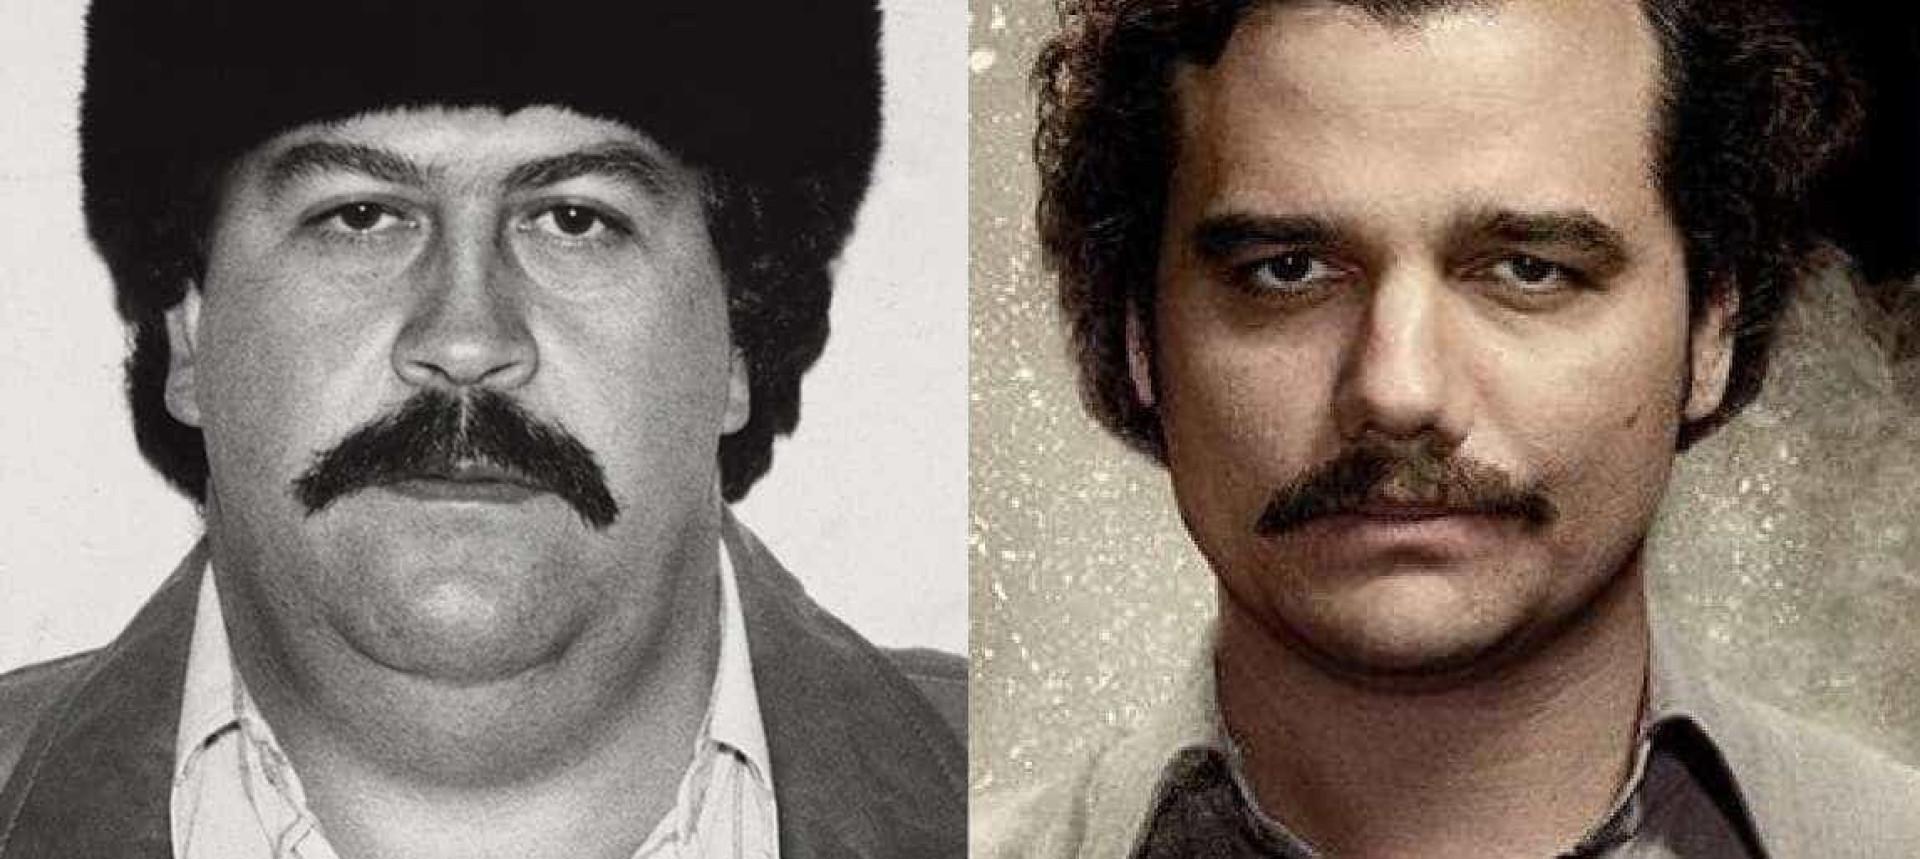 Série 'Narcos': Veja quem é ou foi quem na realidade e ficção